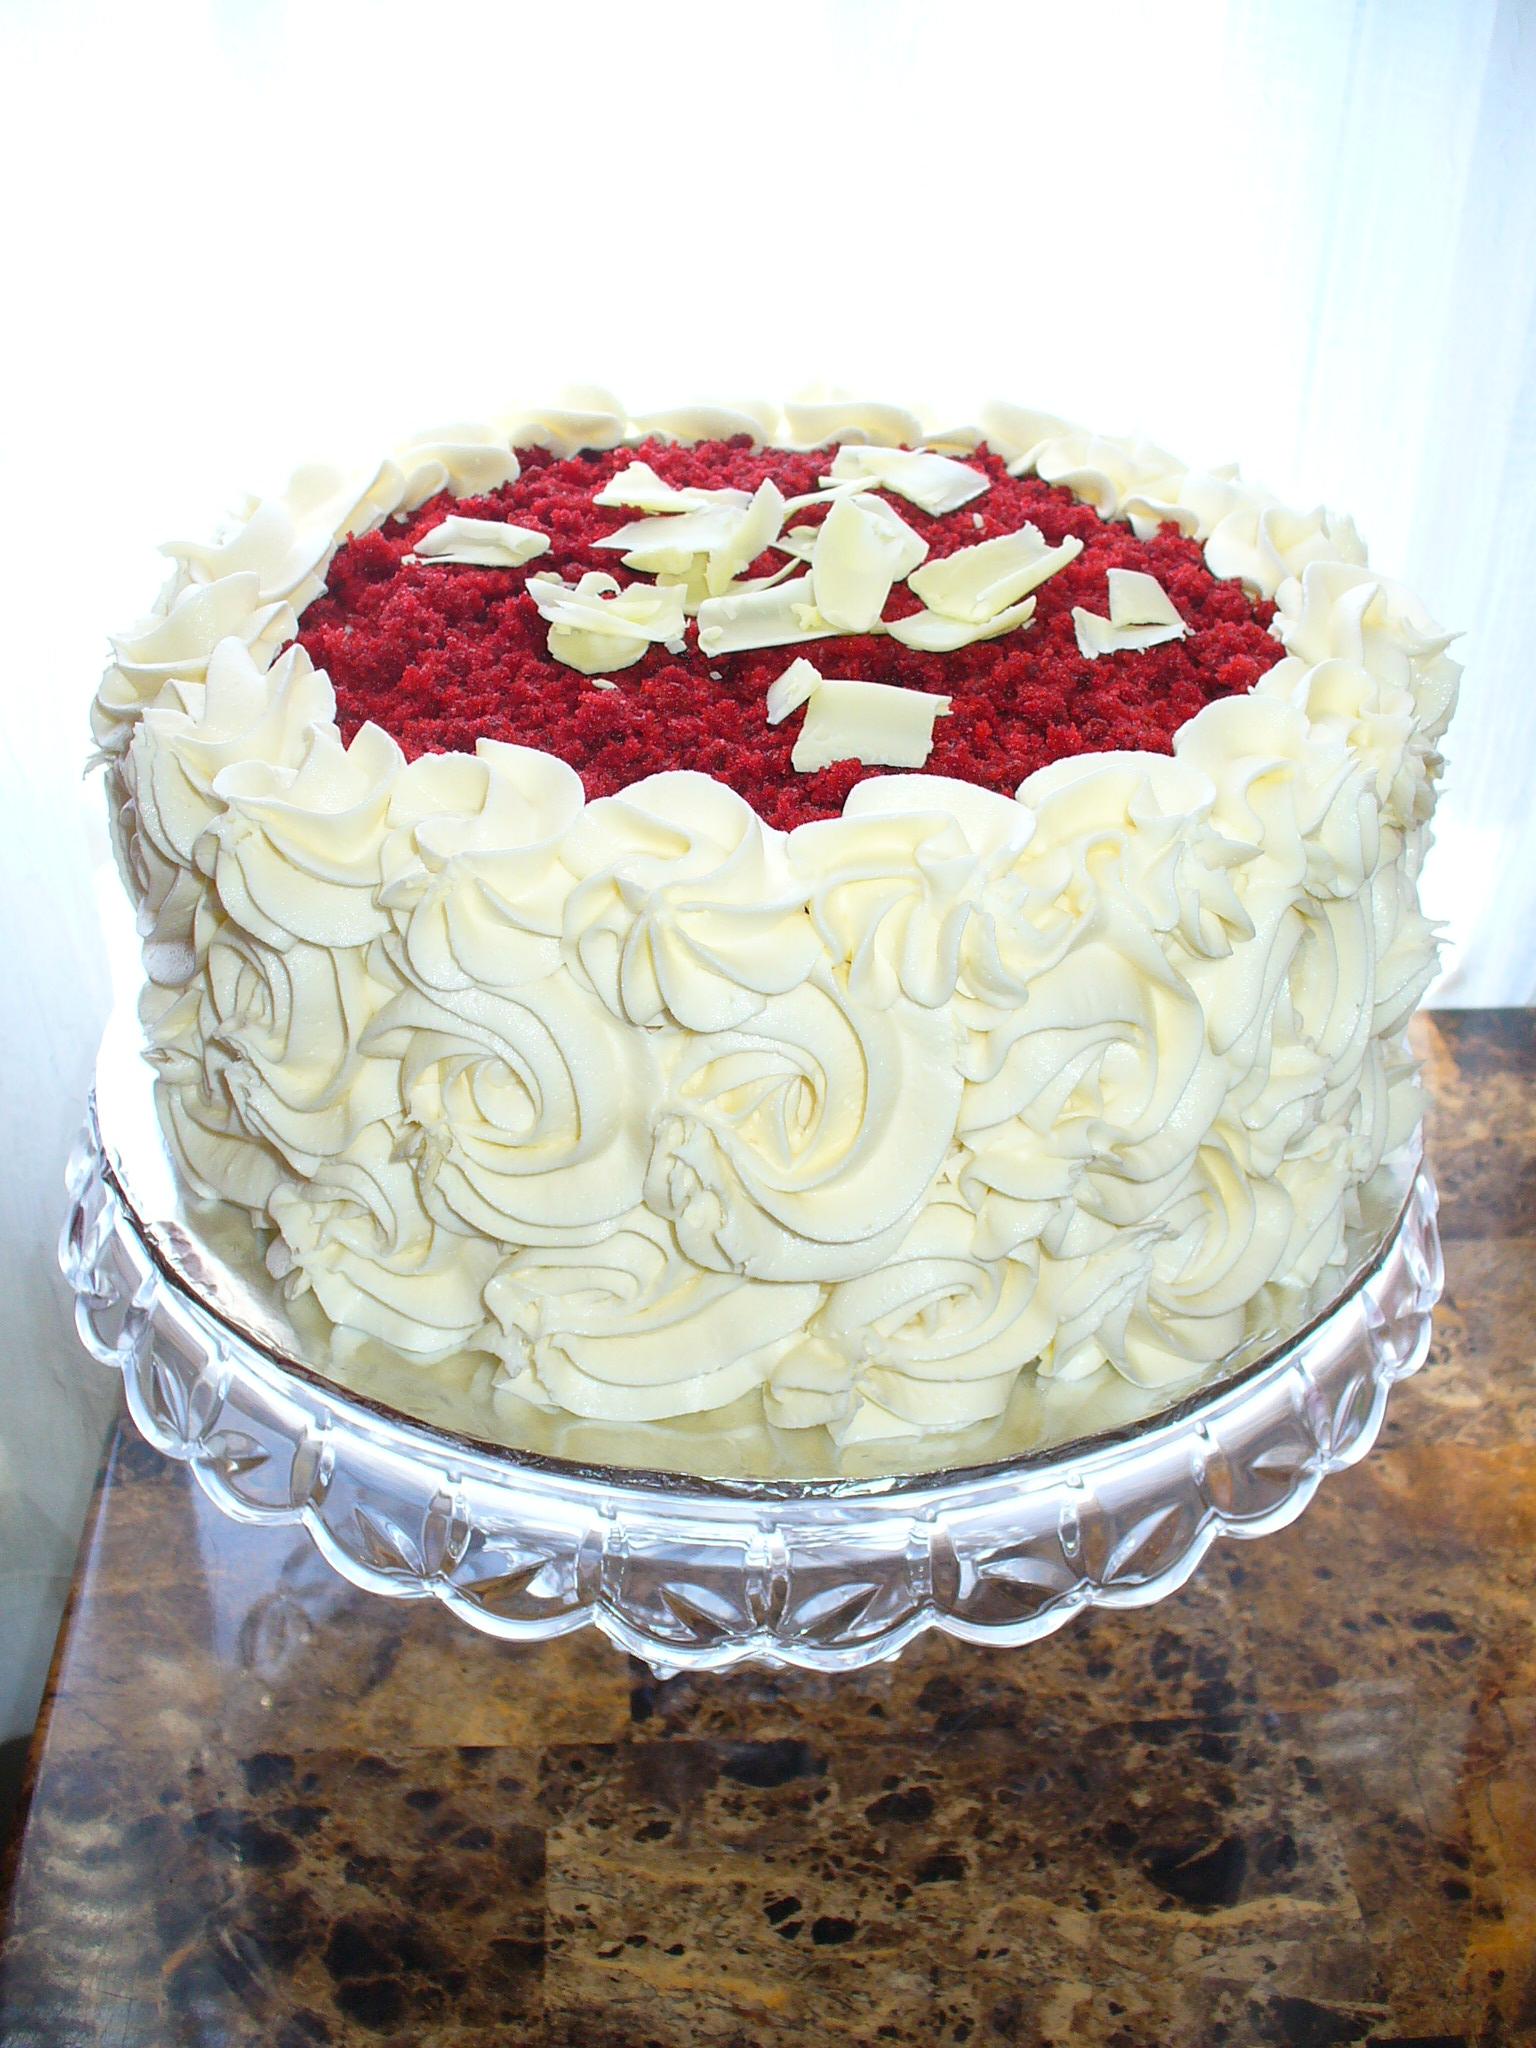 Red Velvet cake deluxe